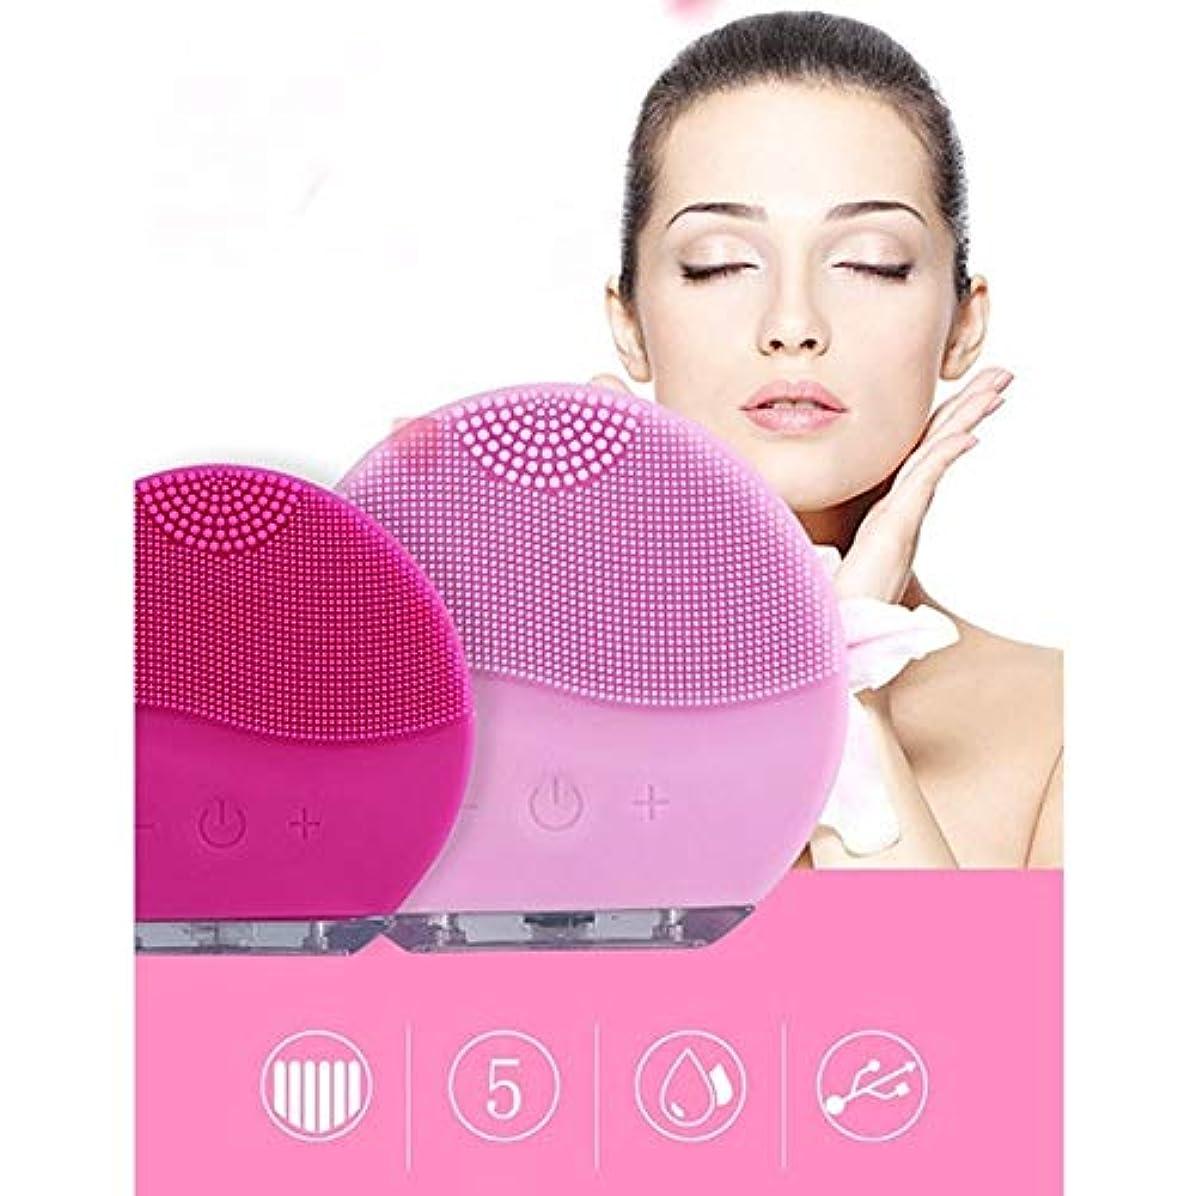 迫害するどうやってイースター顔のクリーニングブラシの防水ケイ素の電気Masagerの清潔になるシステム (Color : Rose red)